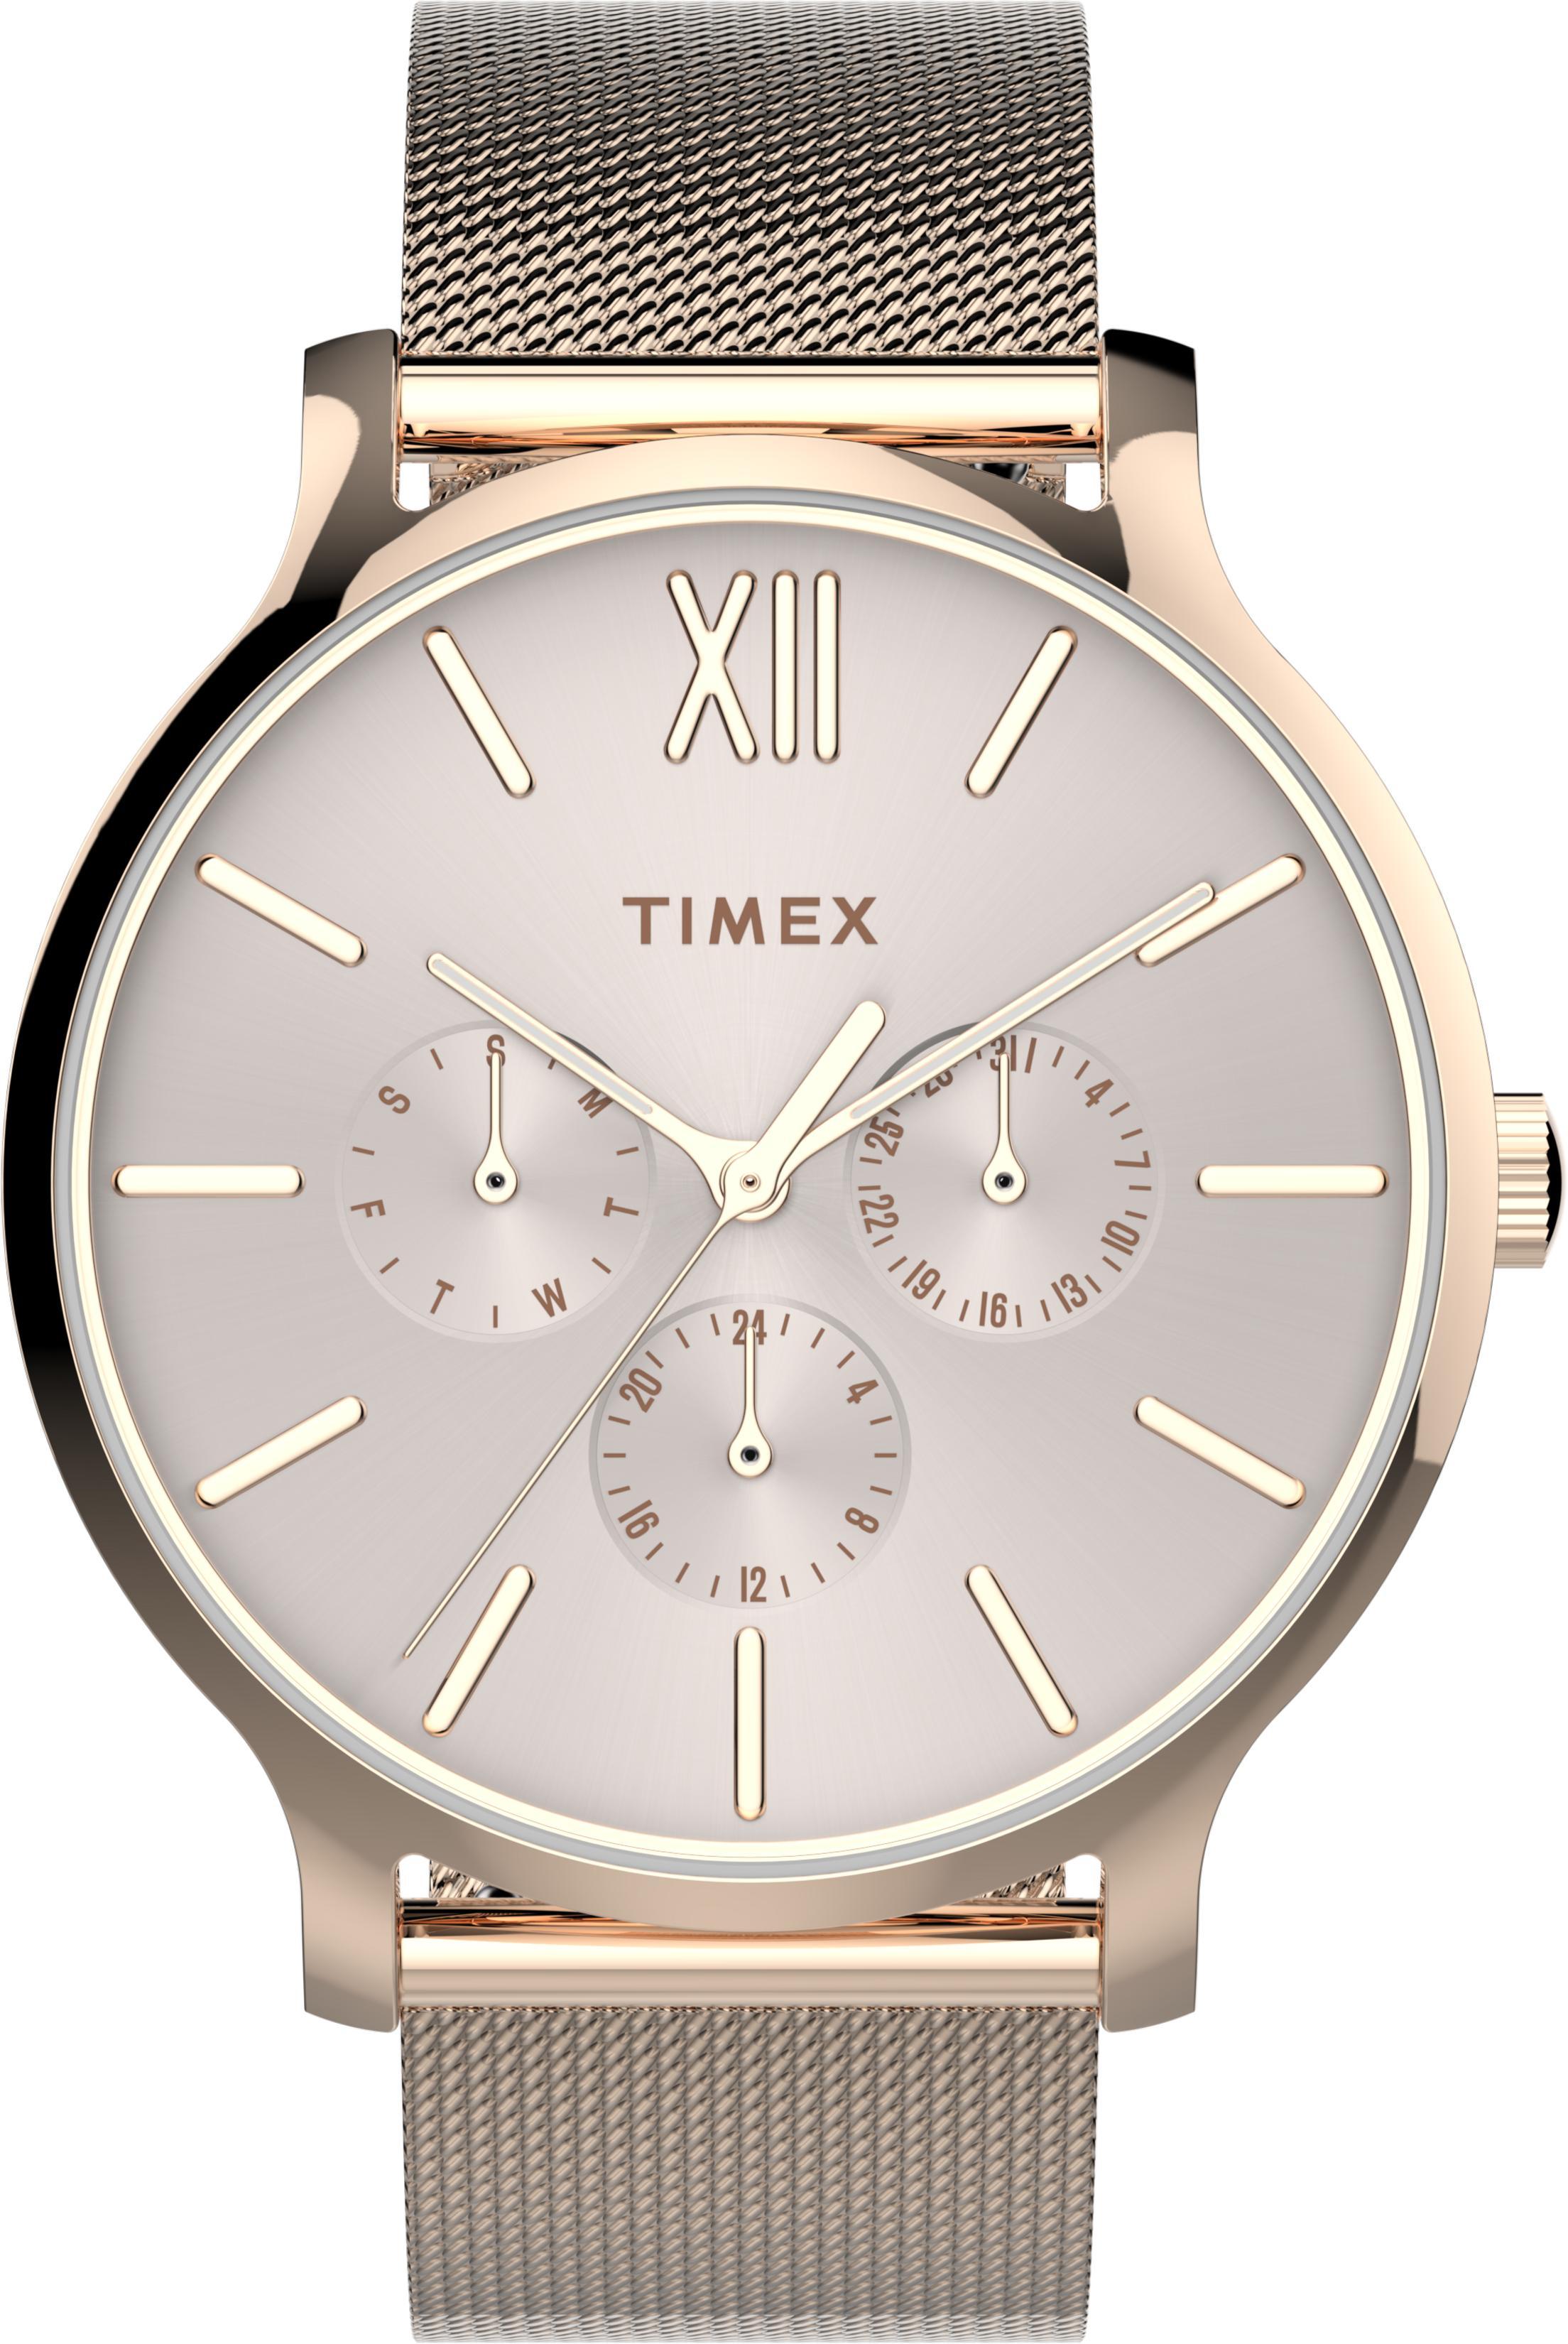 Timex TW2T74500 Transcend Transcend